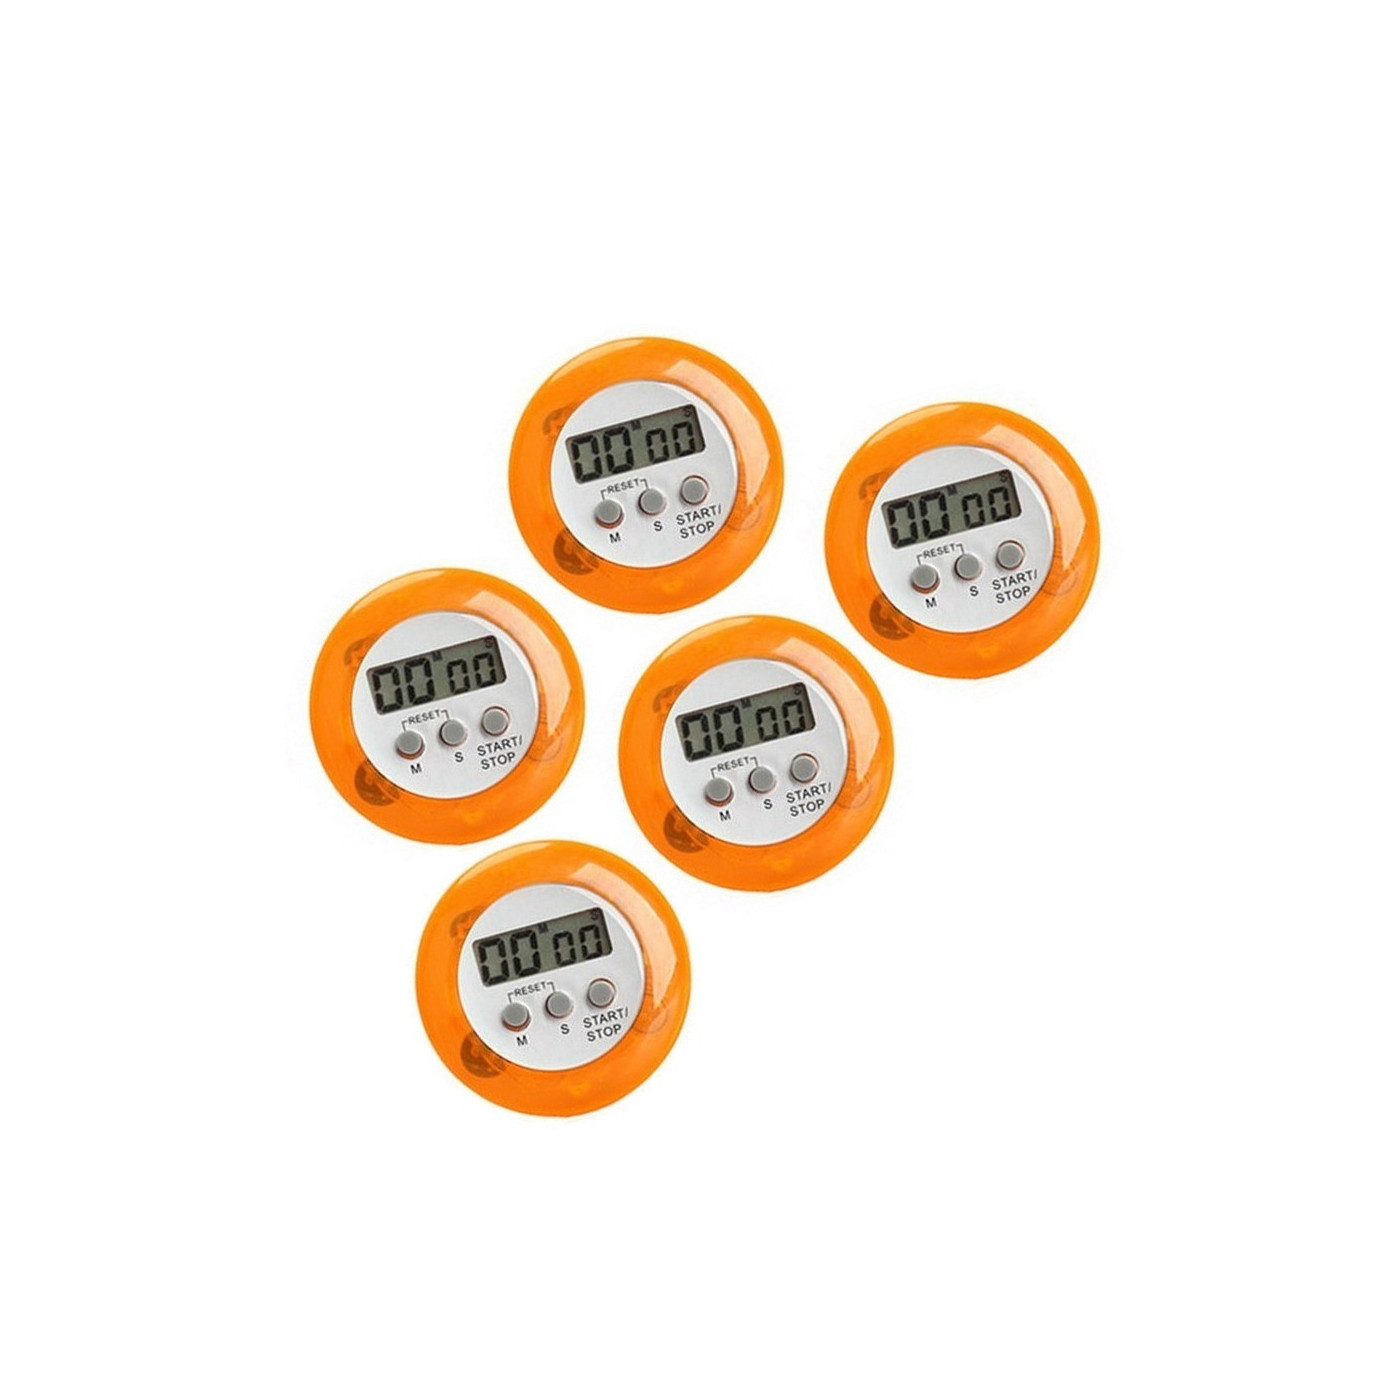 Ensemble de 5 minuteries de cuisine numériques, réveils, orange